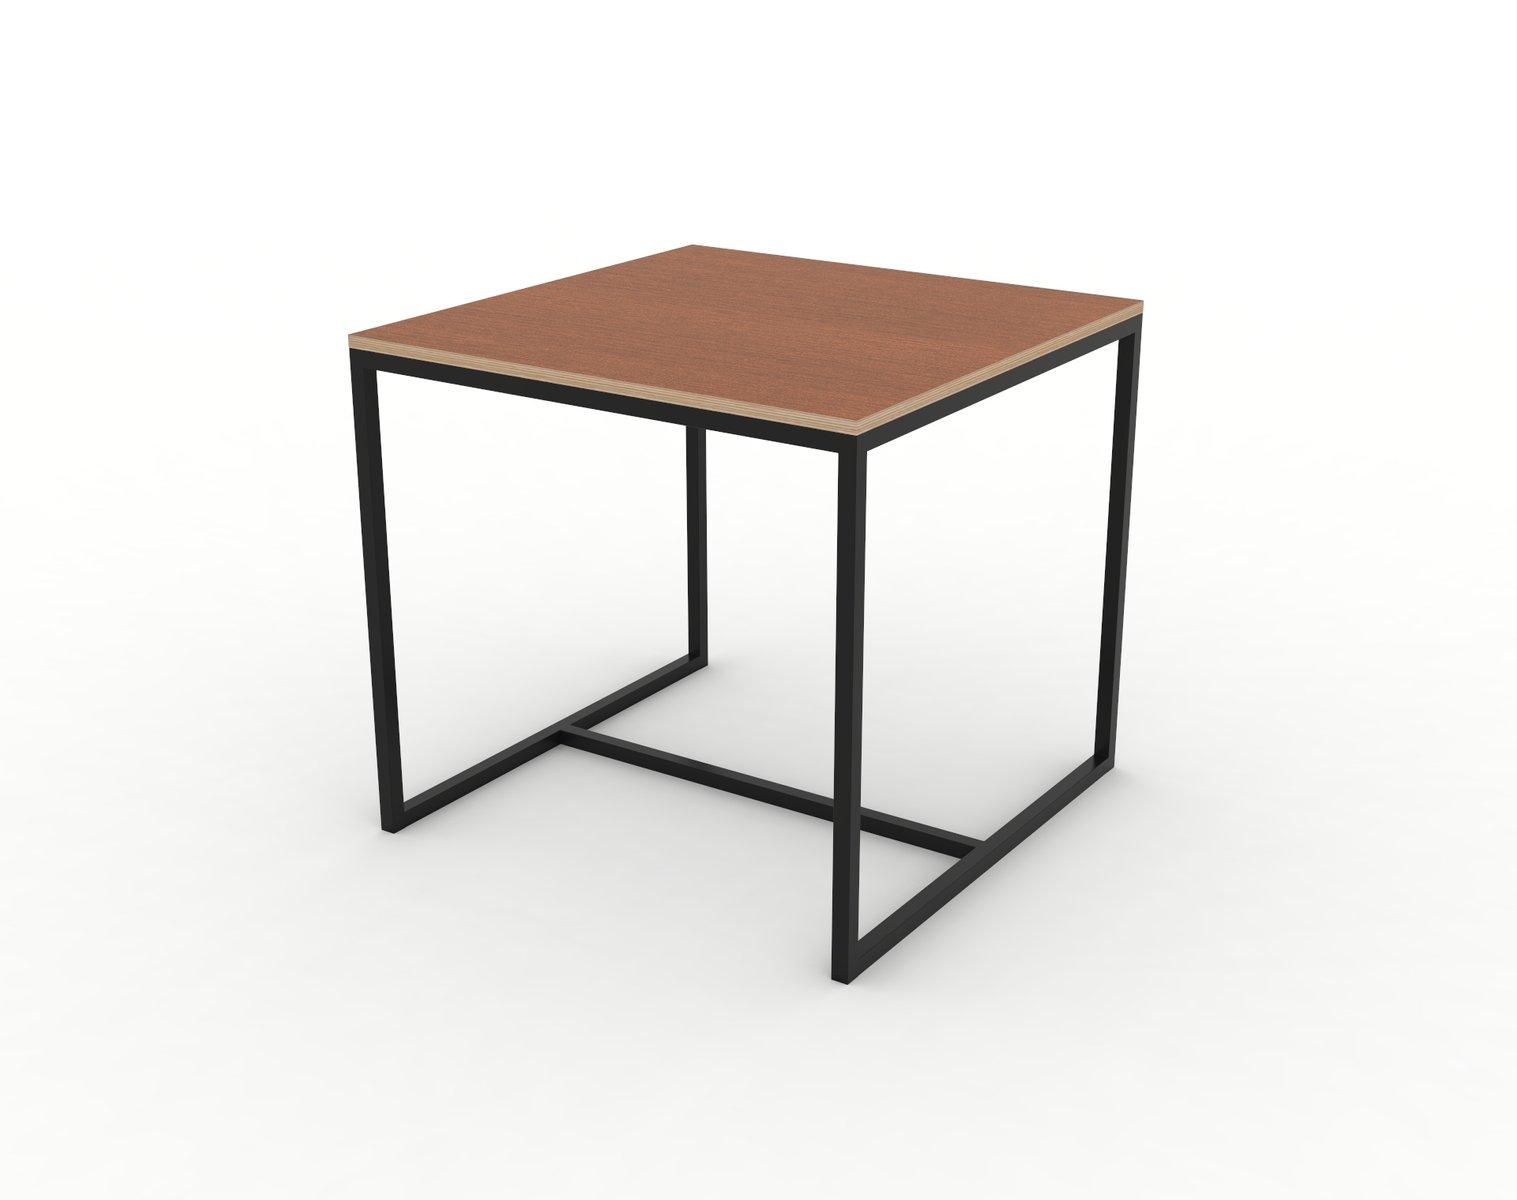 petite table de salle manger s rie underline en merisier lamin plaqu sur cadre en acier de. Black Bedroom Furniture Sets. Home Design Ideas